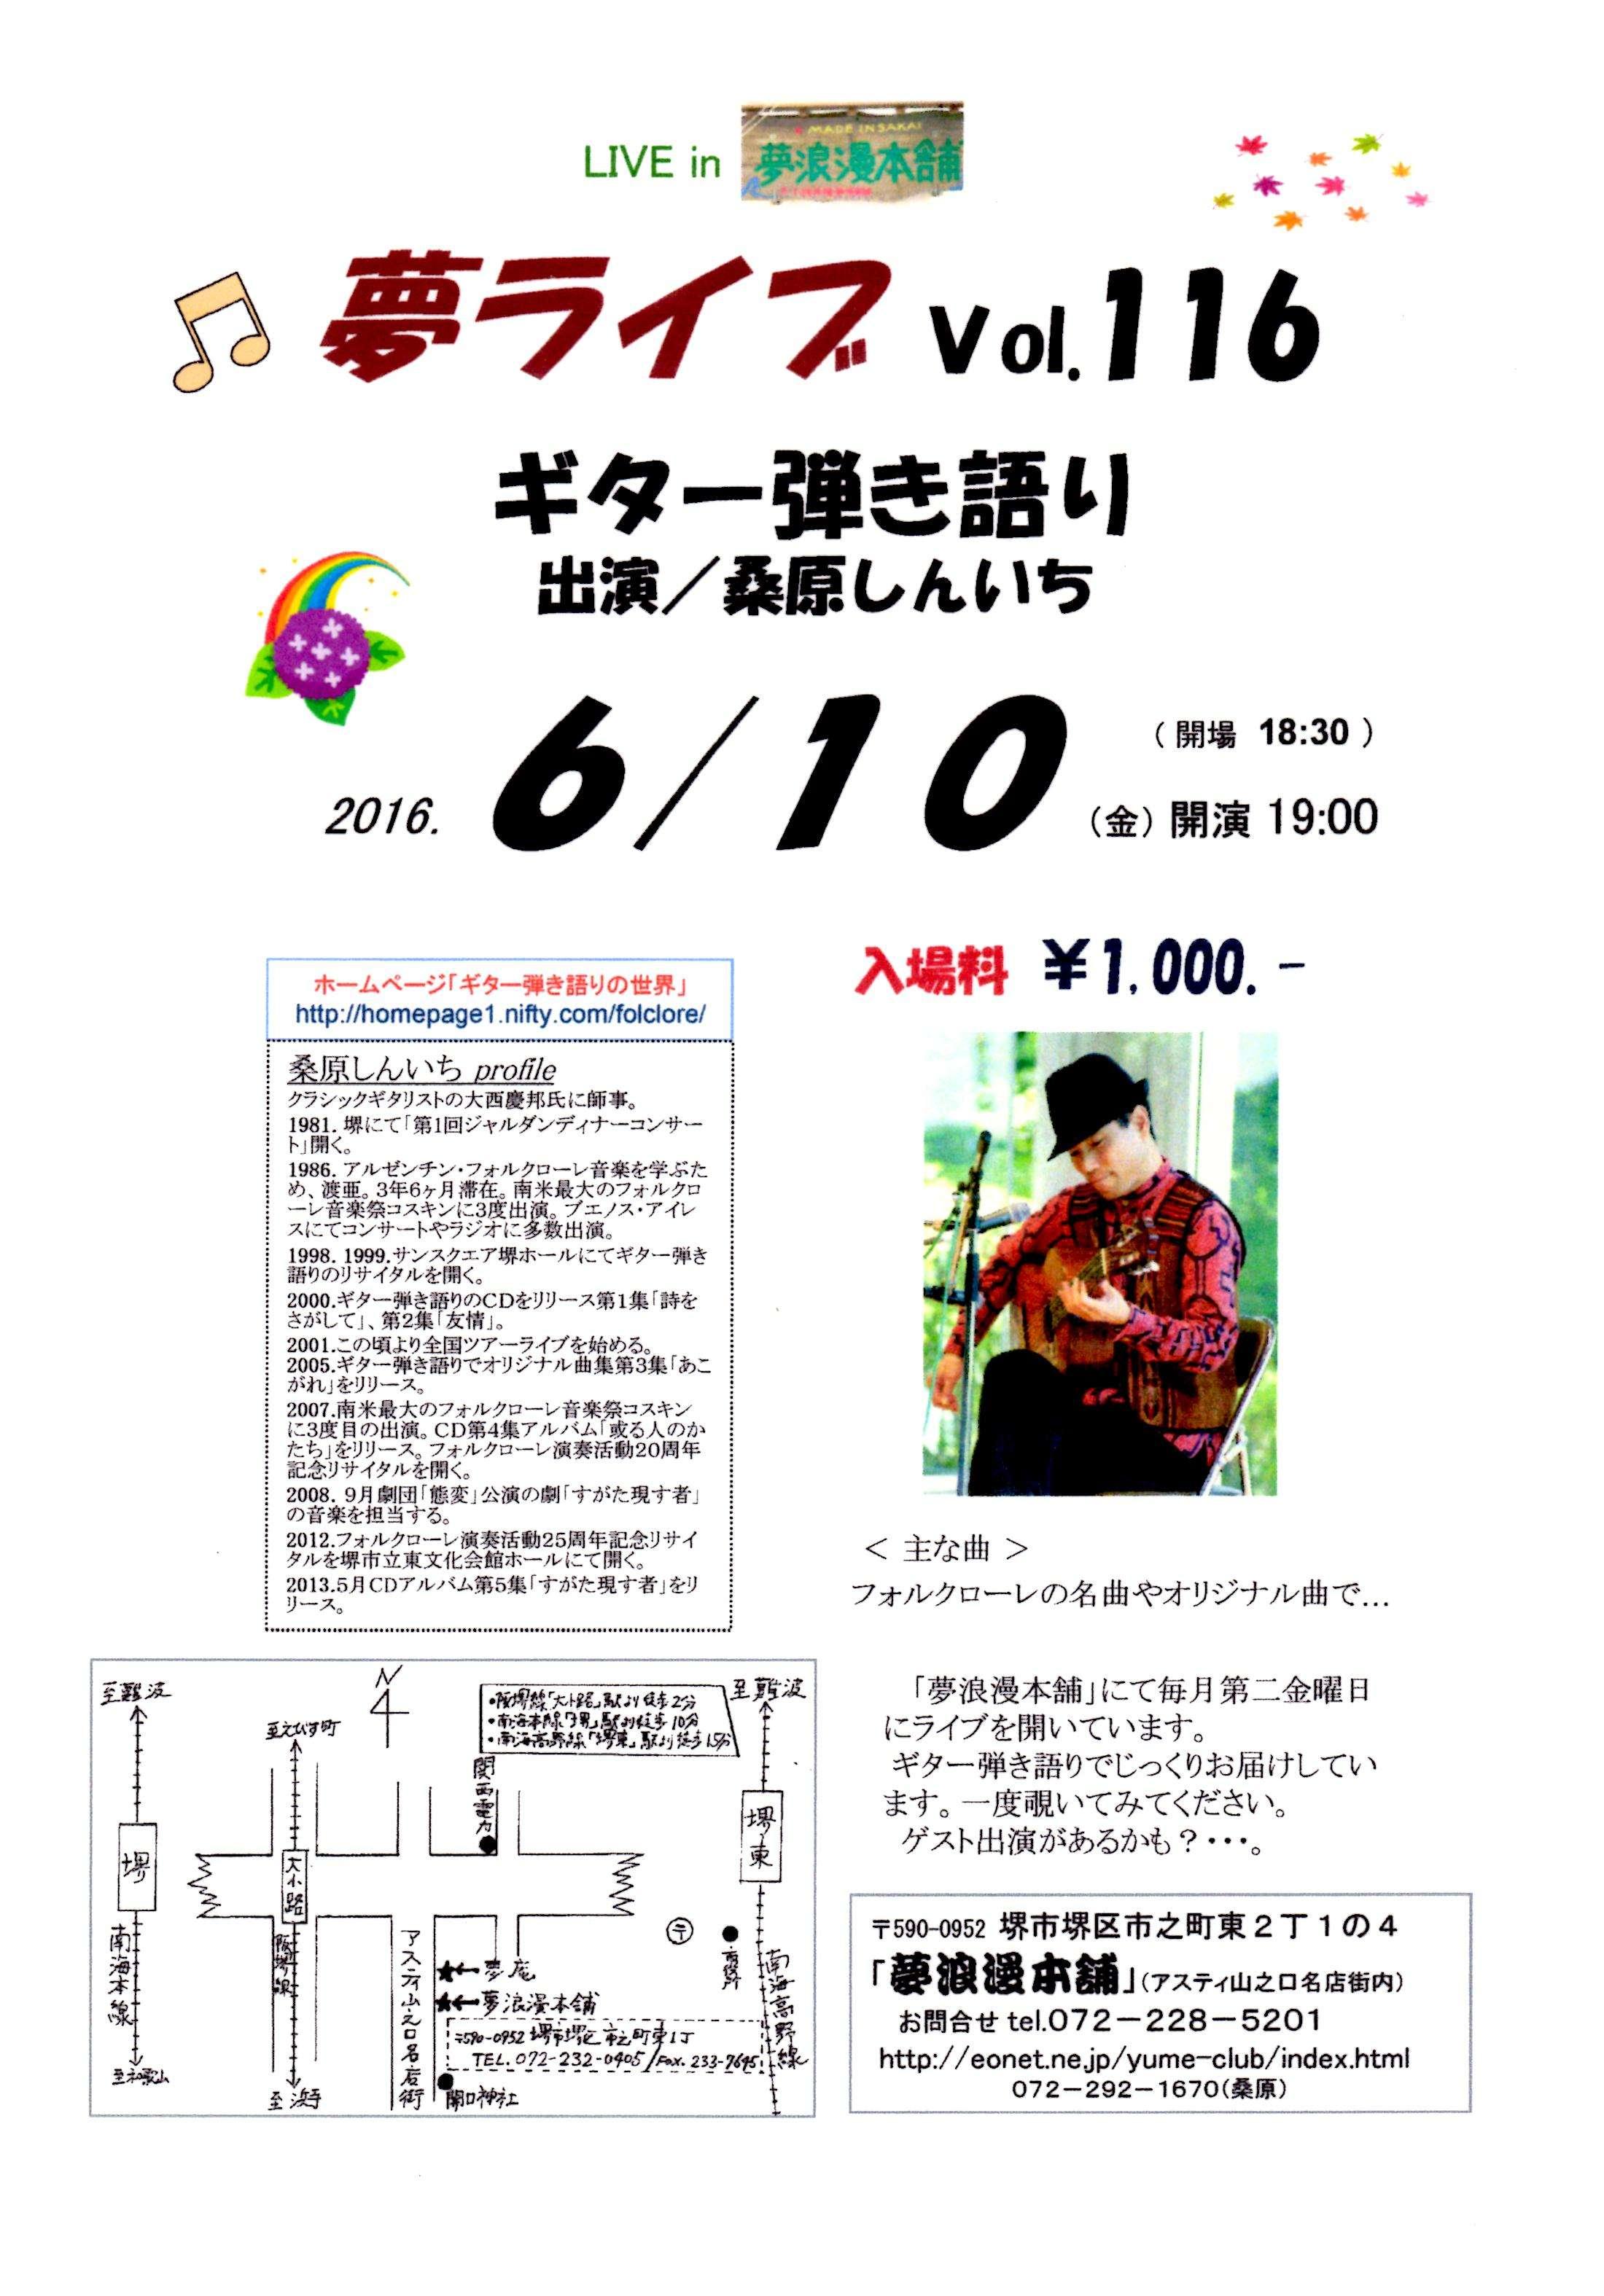 夢ライブvol.116 - かわらばん/堺・南大阪の地域情報